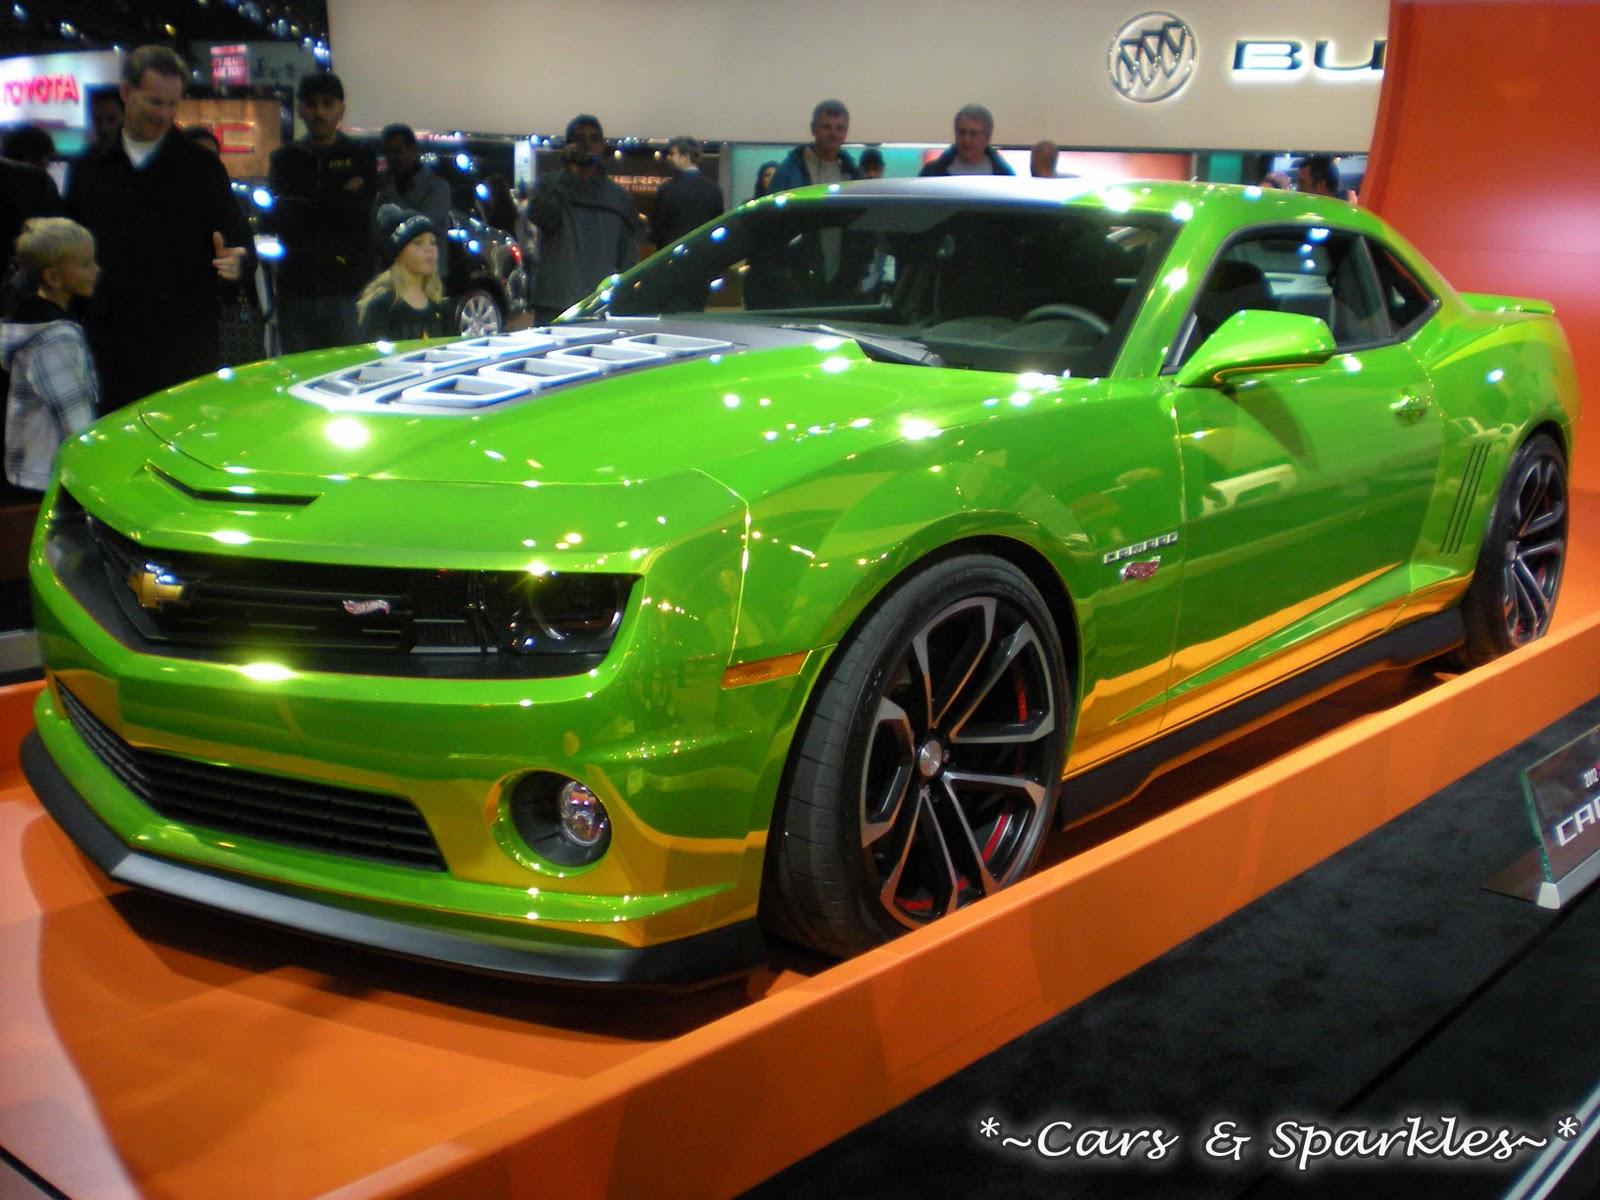 Green car paint colors - Similiar Exotic Paint Colors For Cars Keywords 1600x1200